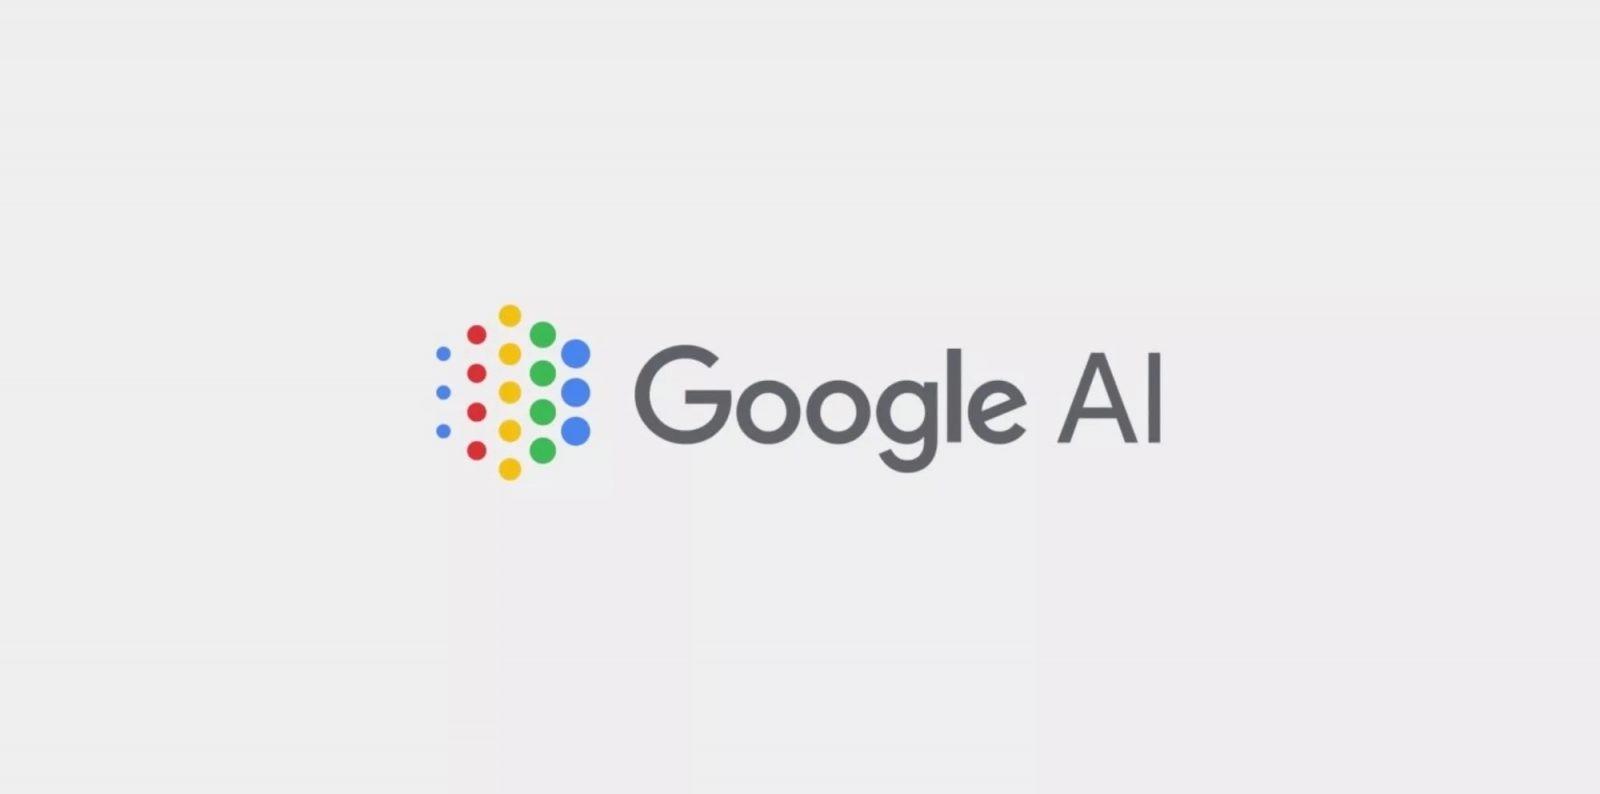 Le PDG de Google pense que l'IA sera un changement plus profond que la découverte du feu ou de l'électricité